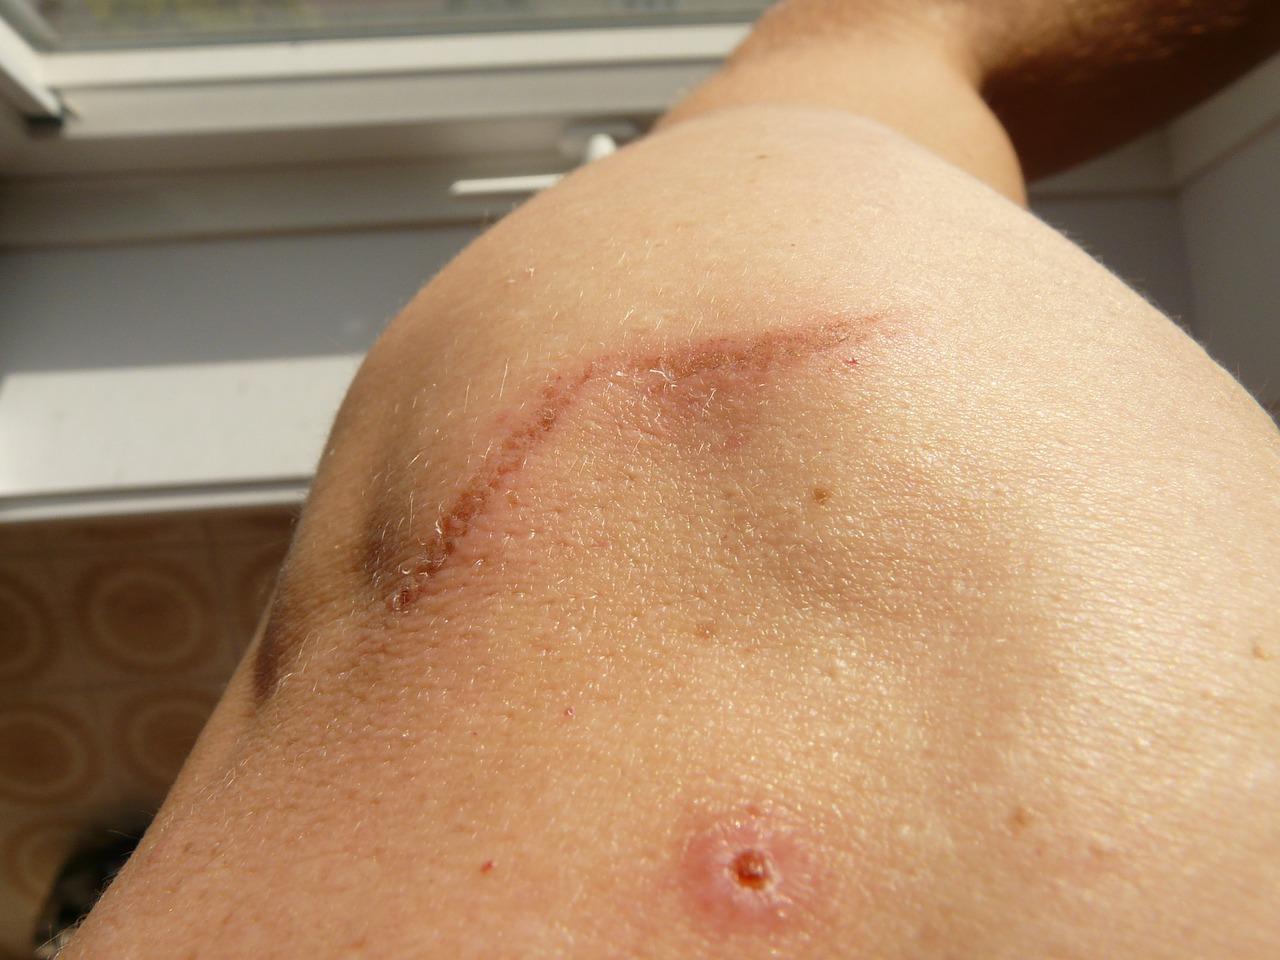 La dermopigmentation correctrice, une solution aux cicatrices et accidents de la vie